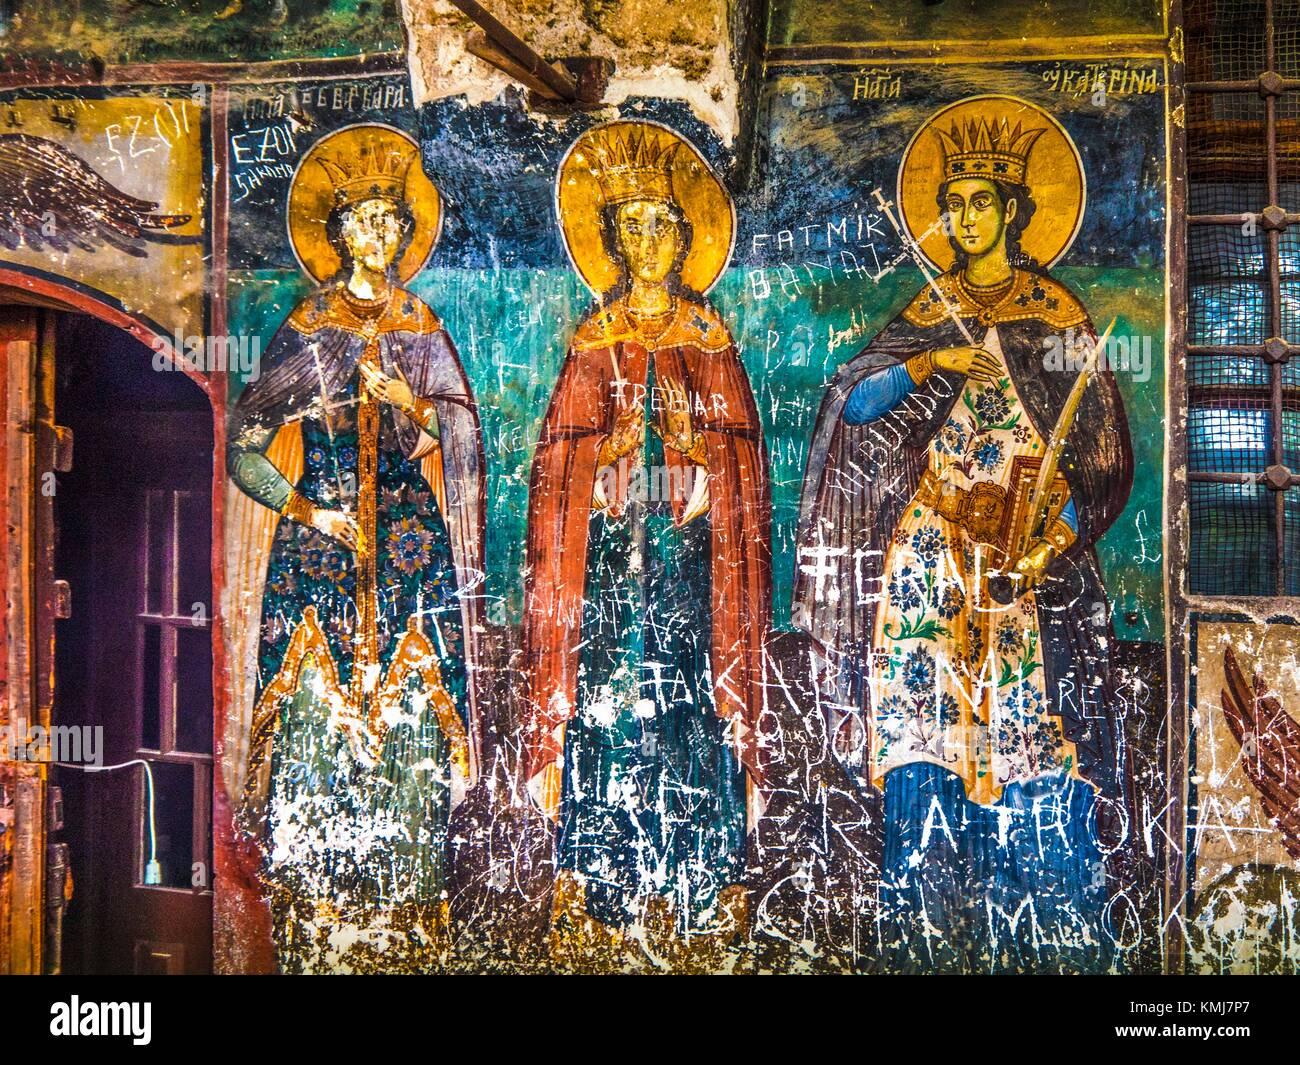 Albania, Voskopojë- Saint Nikkolas churcch. Exterior fresco representing Helene and Constantin. - Stock Image